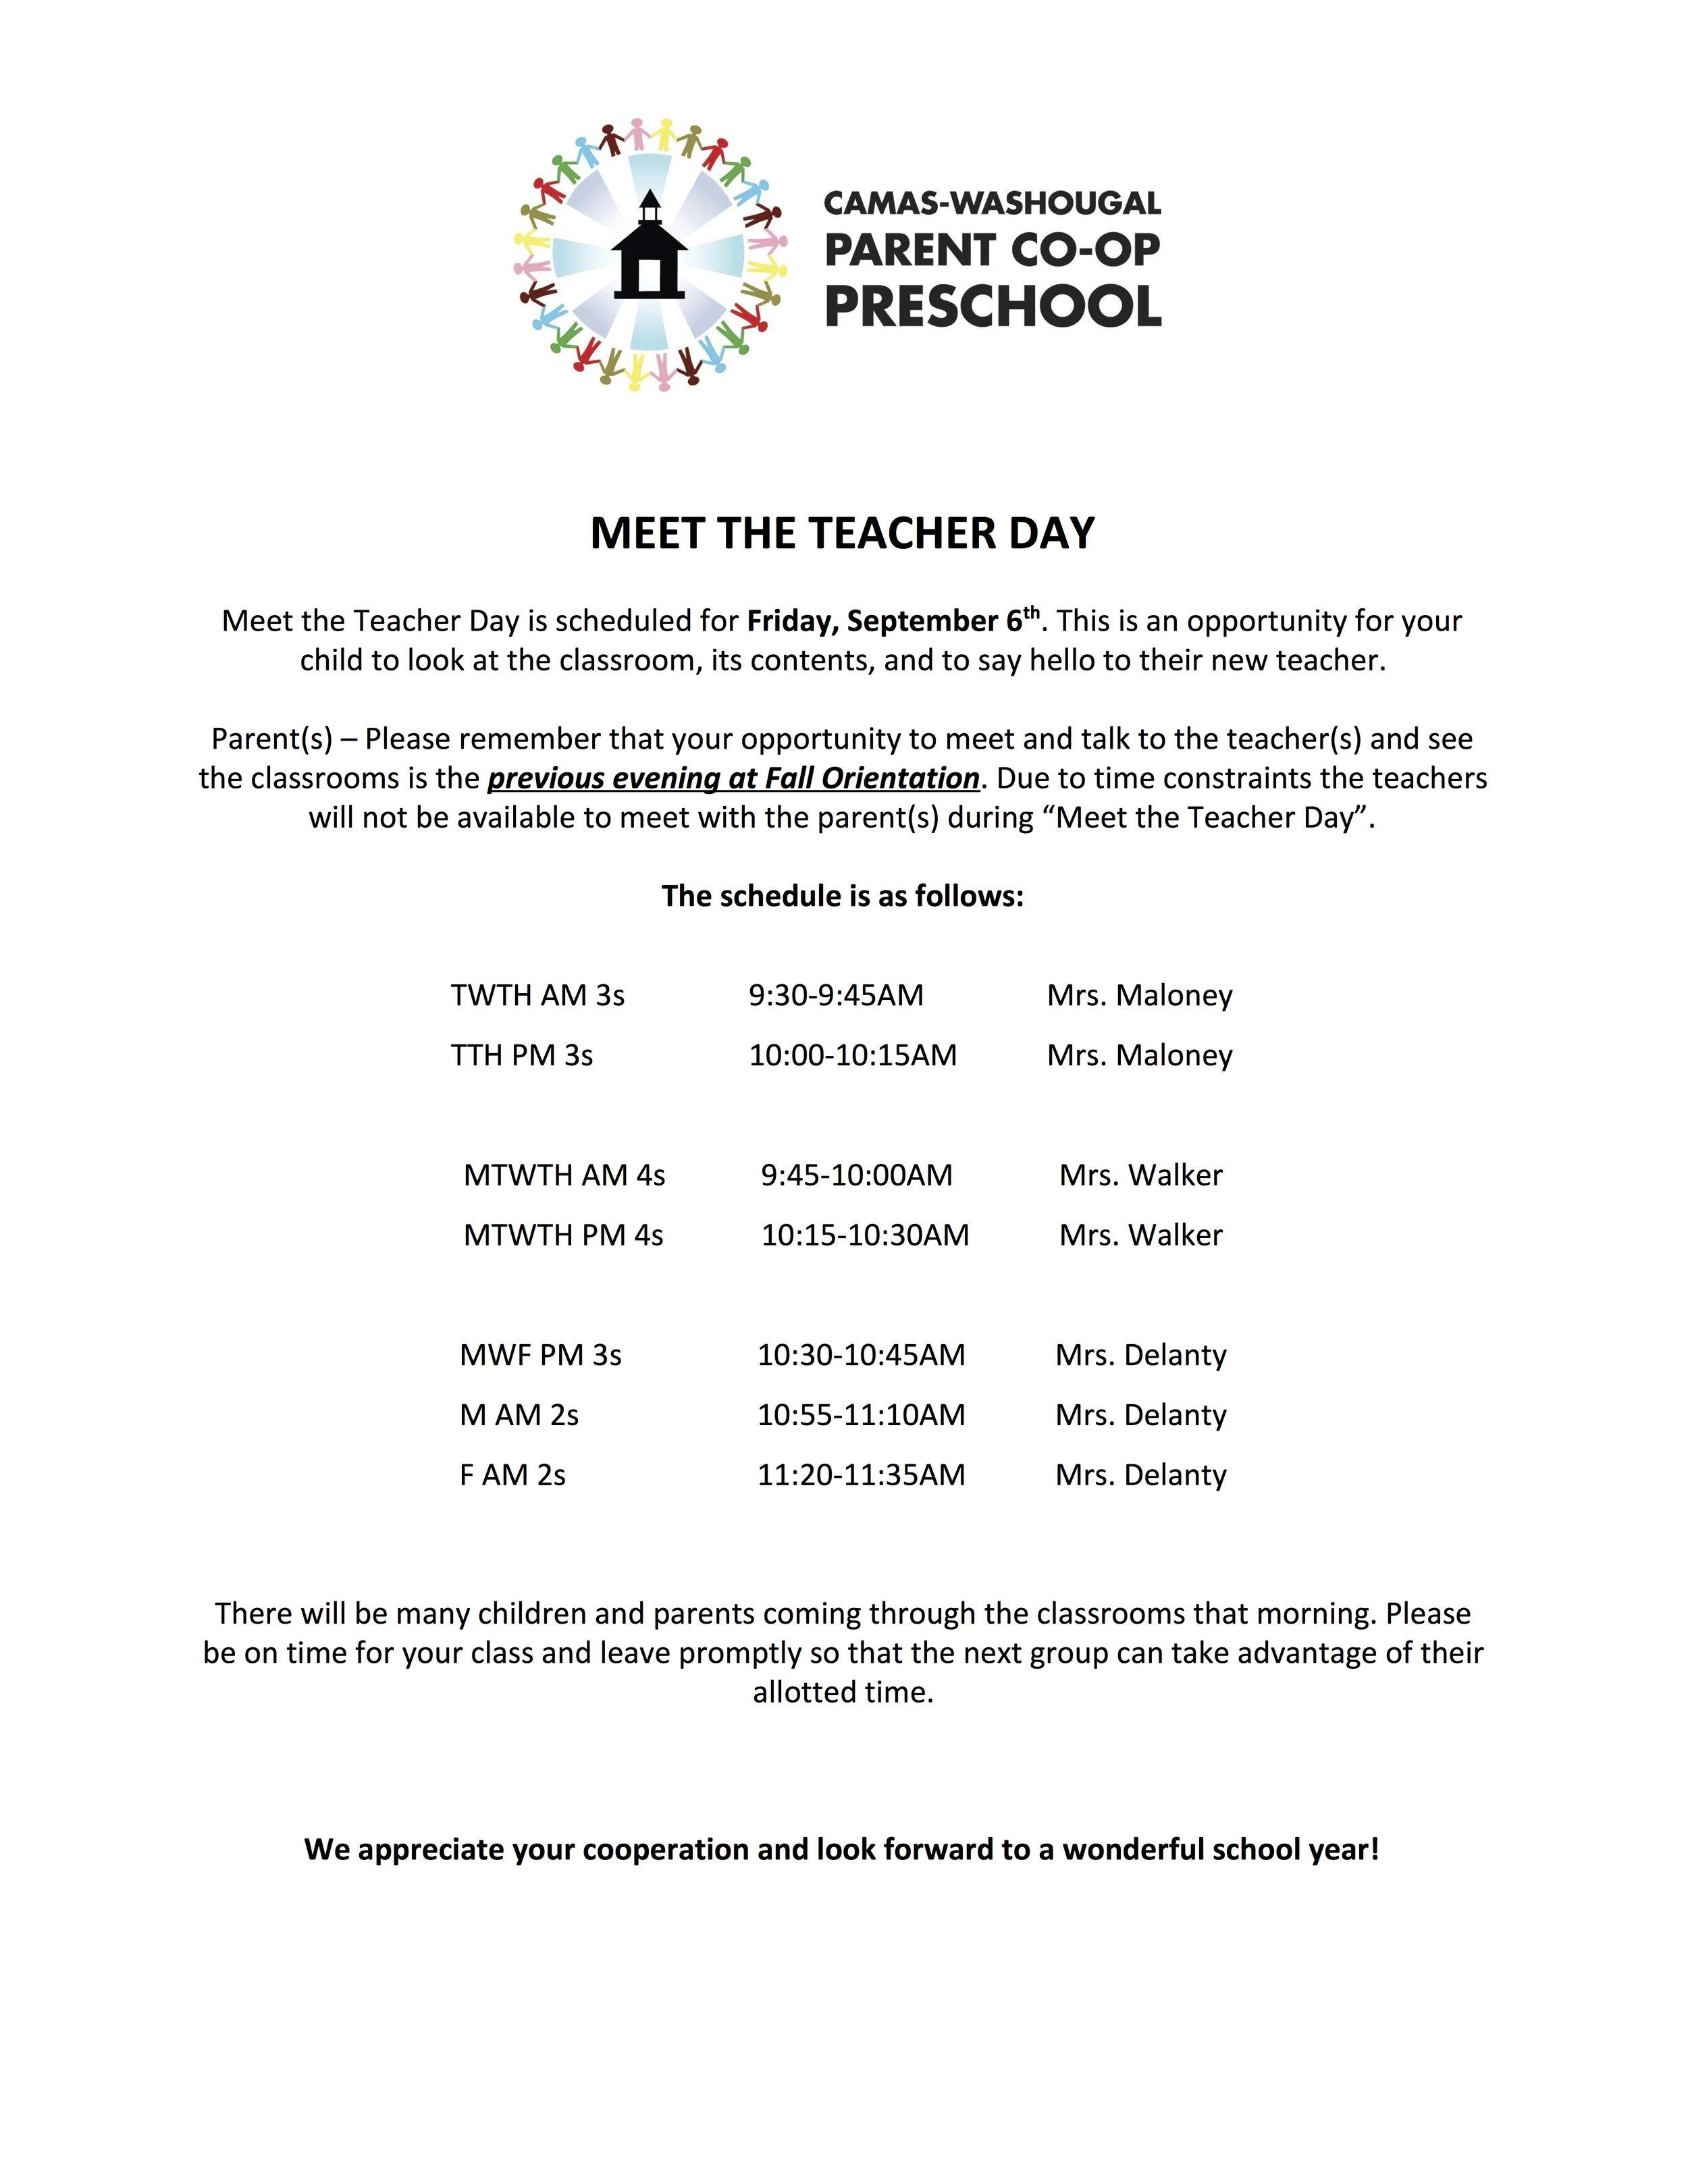 MEET THE TEACHER DAY 2019-20.jpg